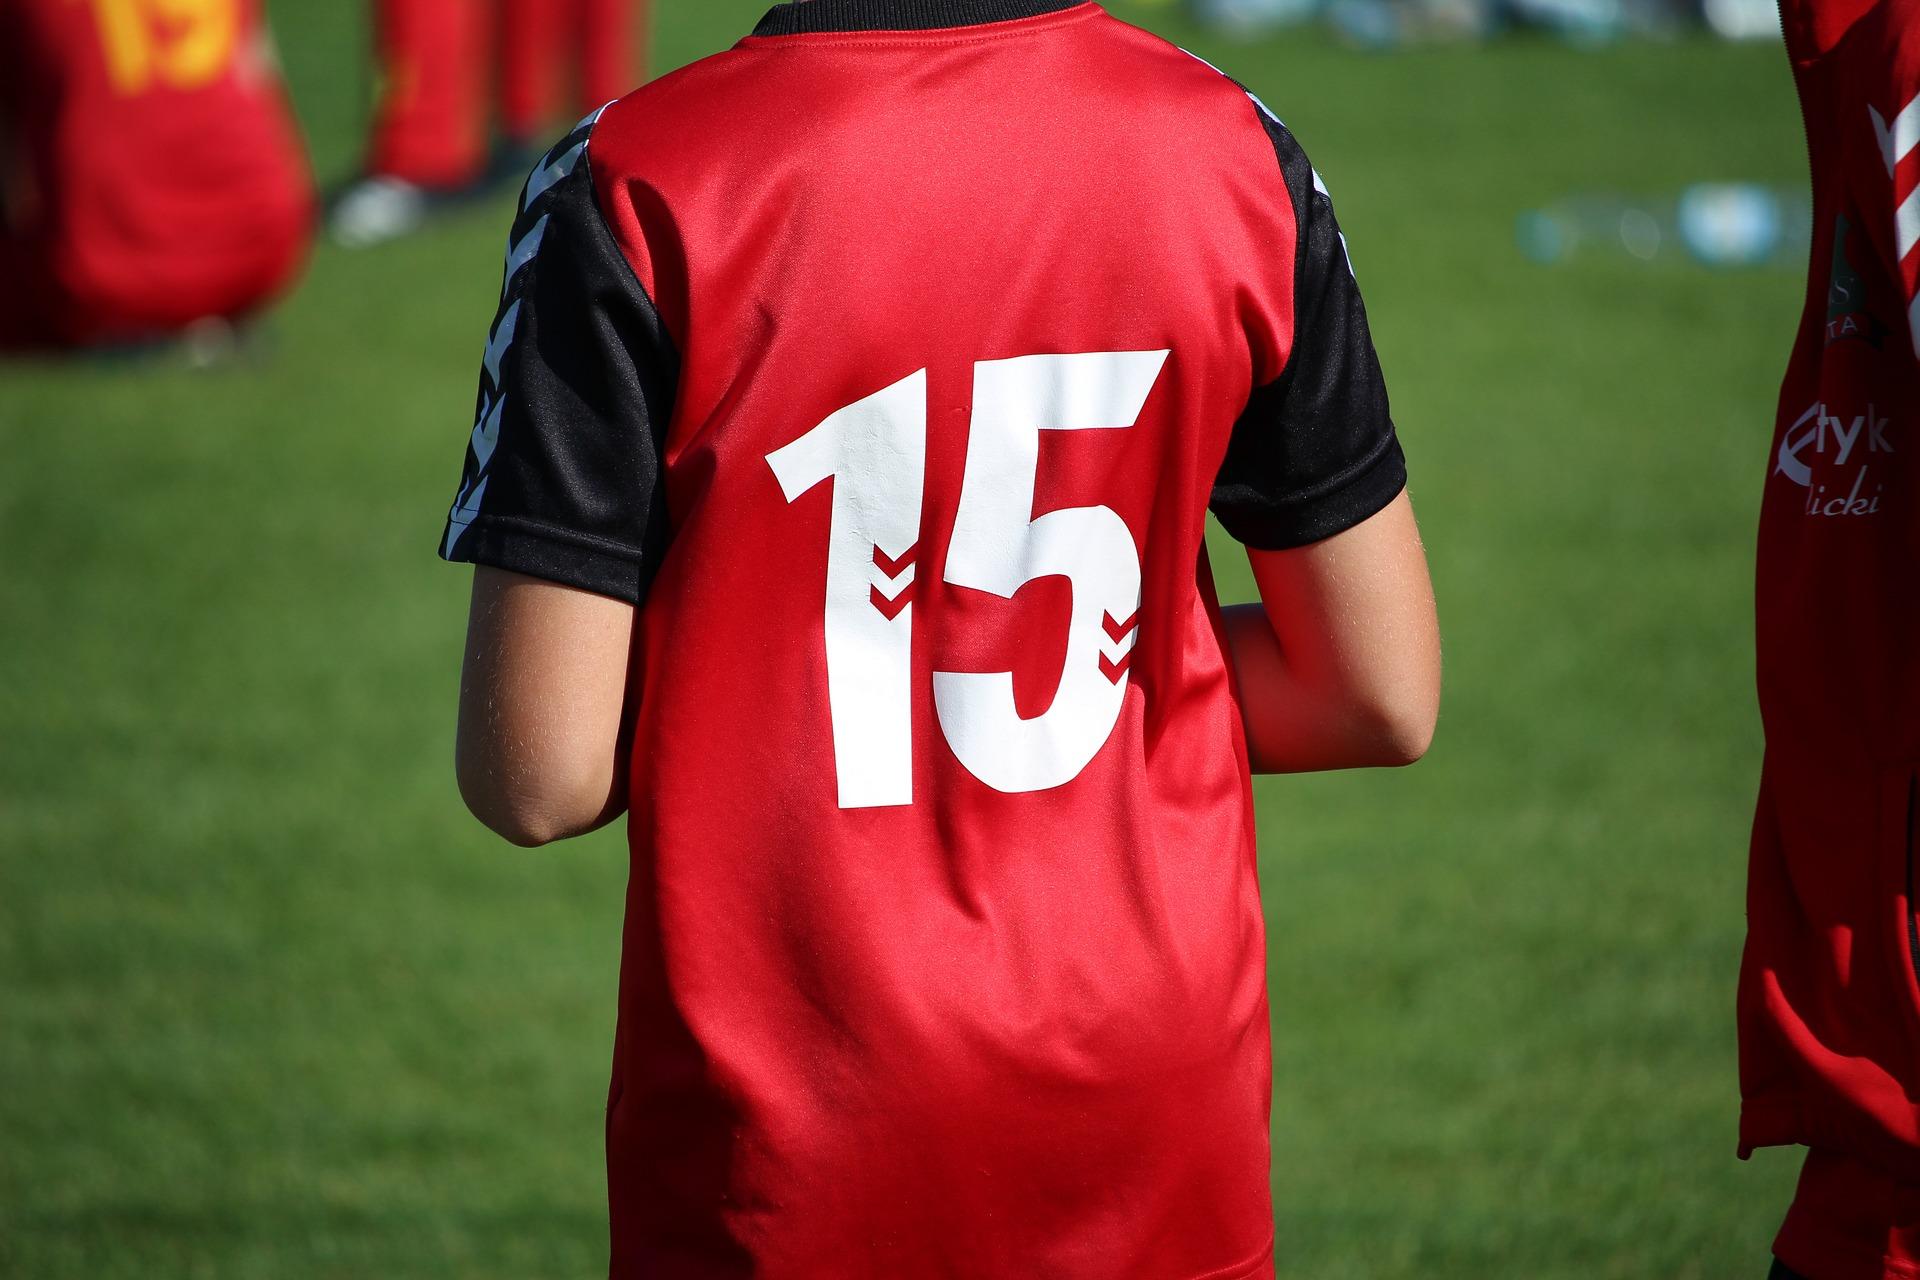 FUßBALL – GRUNDSCHULCUP 2019